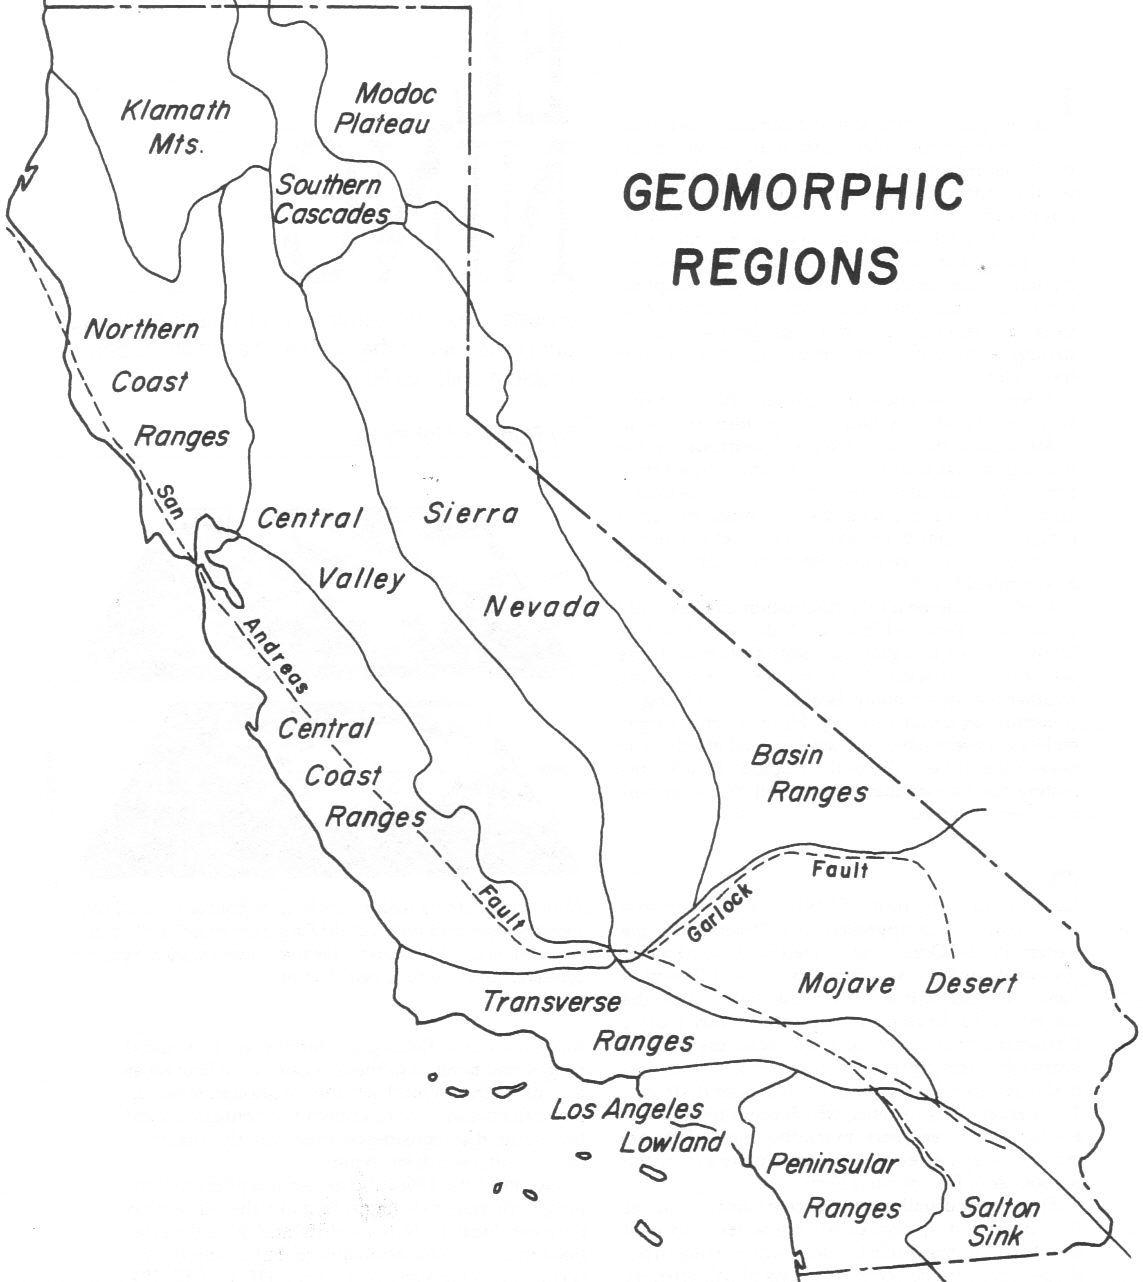 Geomographic regions of California   California map [ 1282 x 1143 Pixel ]